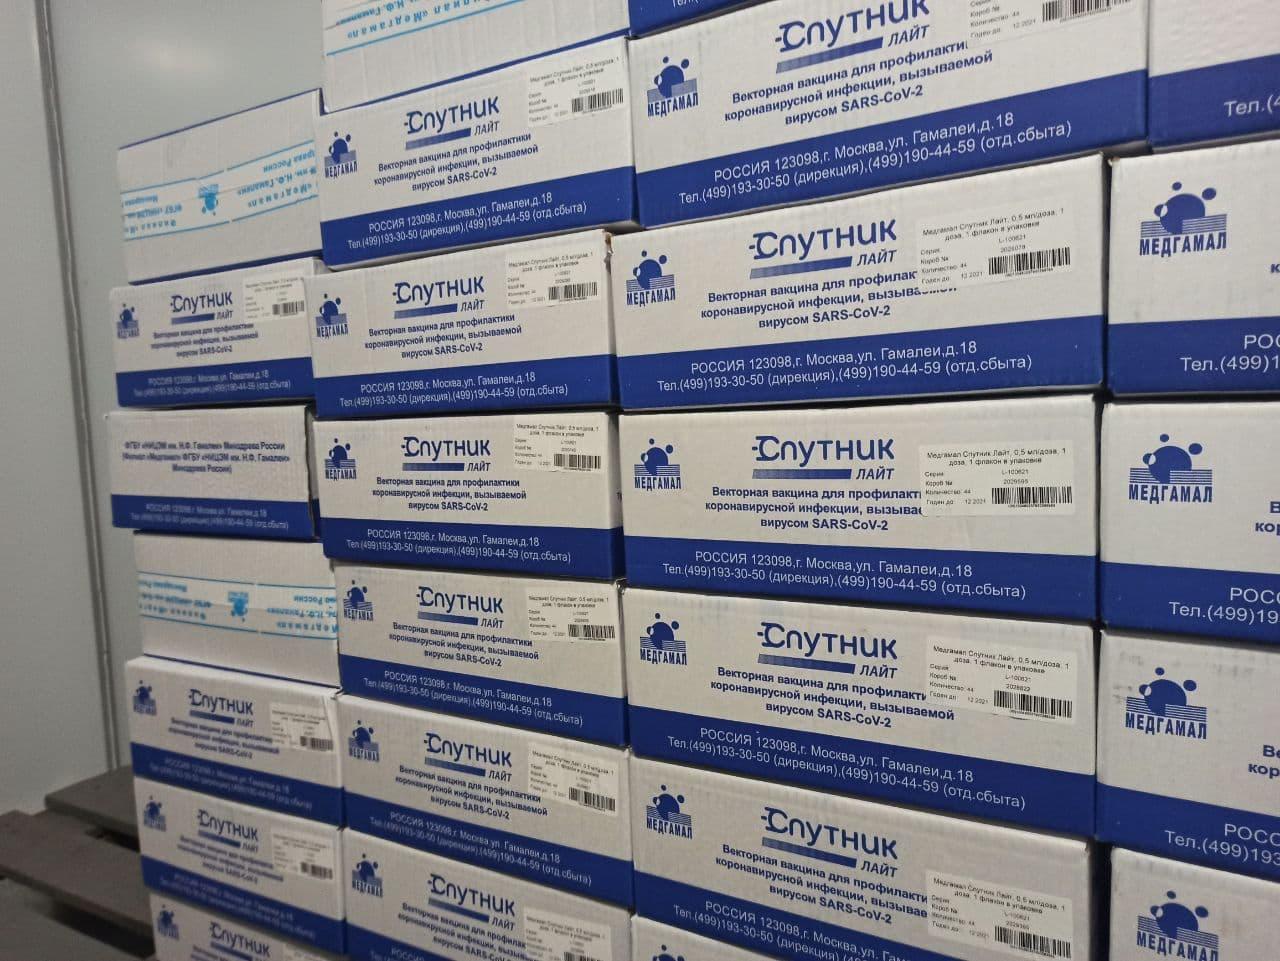 В Брянскую область поступило 7800 доз вакцины от COVID-19 «Спутник Лайт»